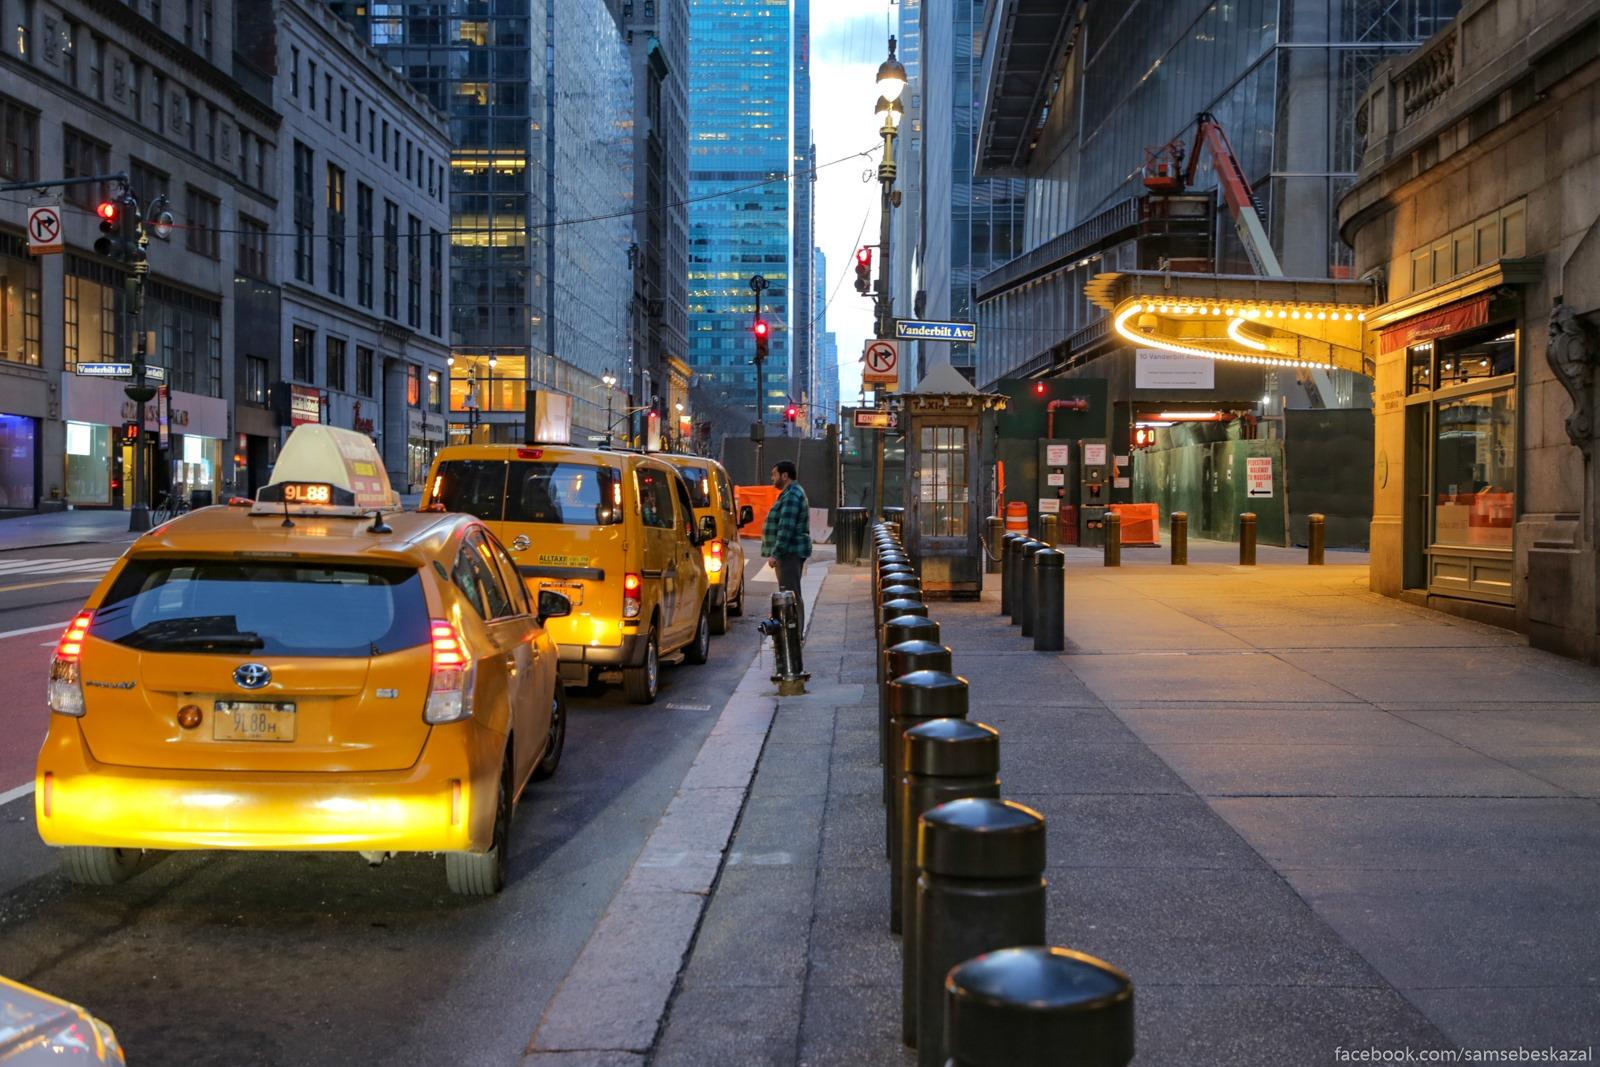 Taksisty u Centralʹnogo vokzala v ozidanii klientov, kotoryh net. Vnutri vokzala tolʹko policejskij, bezdomnye i fotografy.